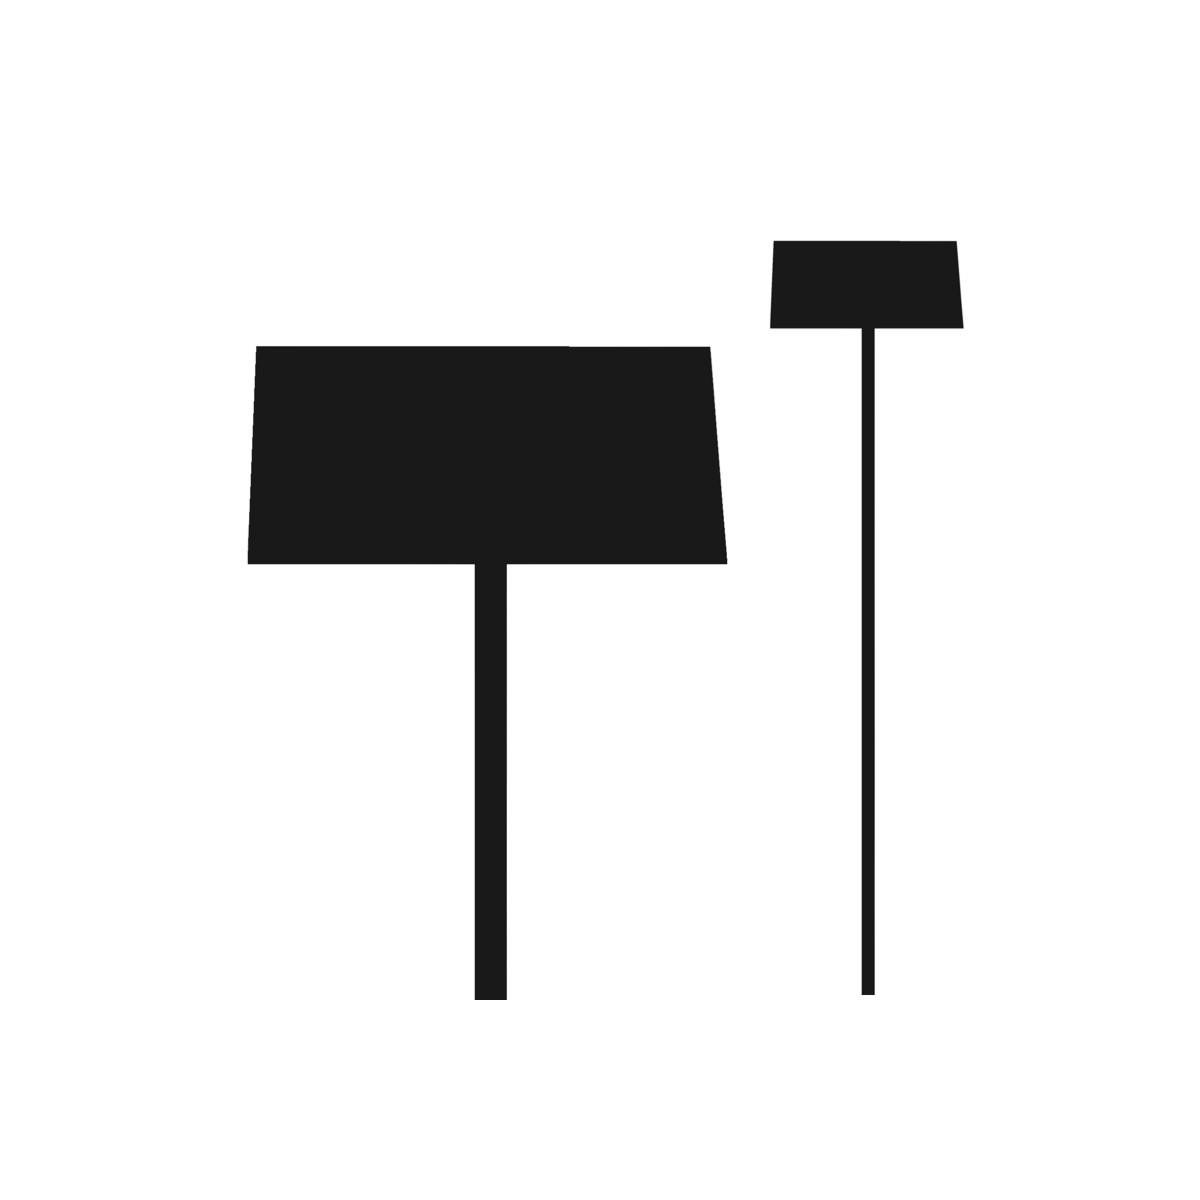 Connu Supports panneaux & signalisation - Botanique Editions GS02